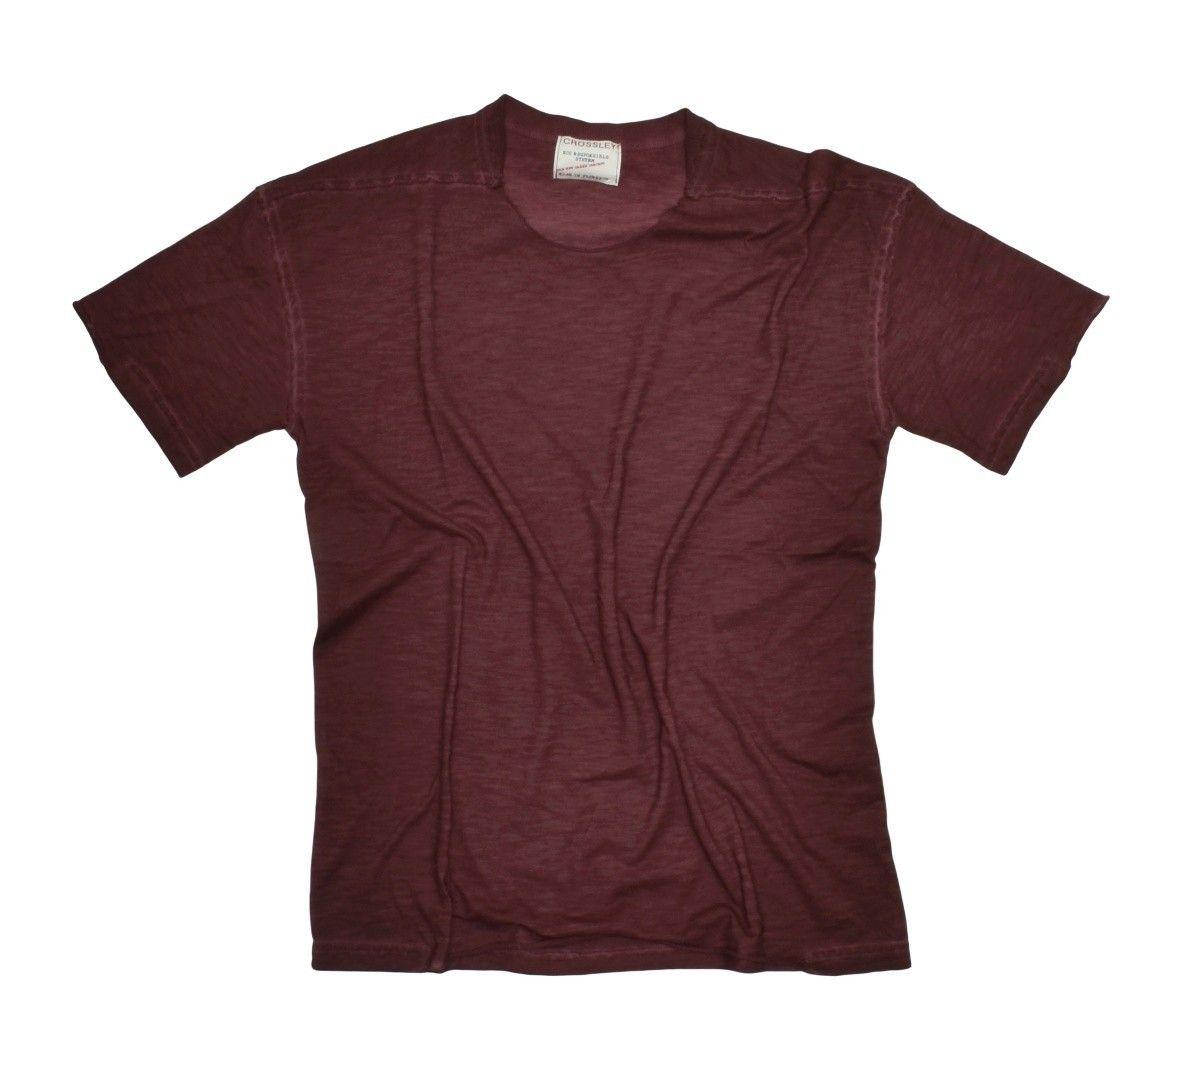 CROSSLEY - Herren T-Shirt - Vilik - Barolo